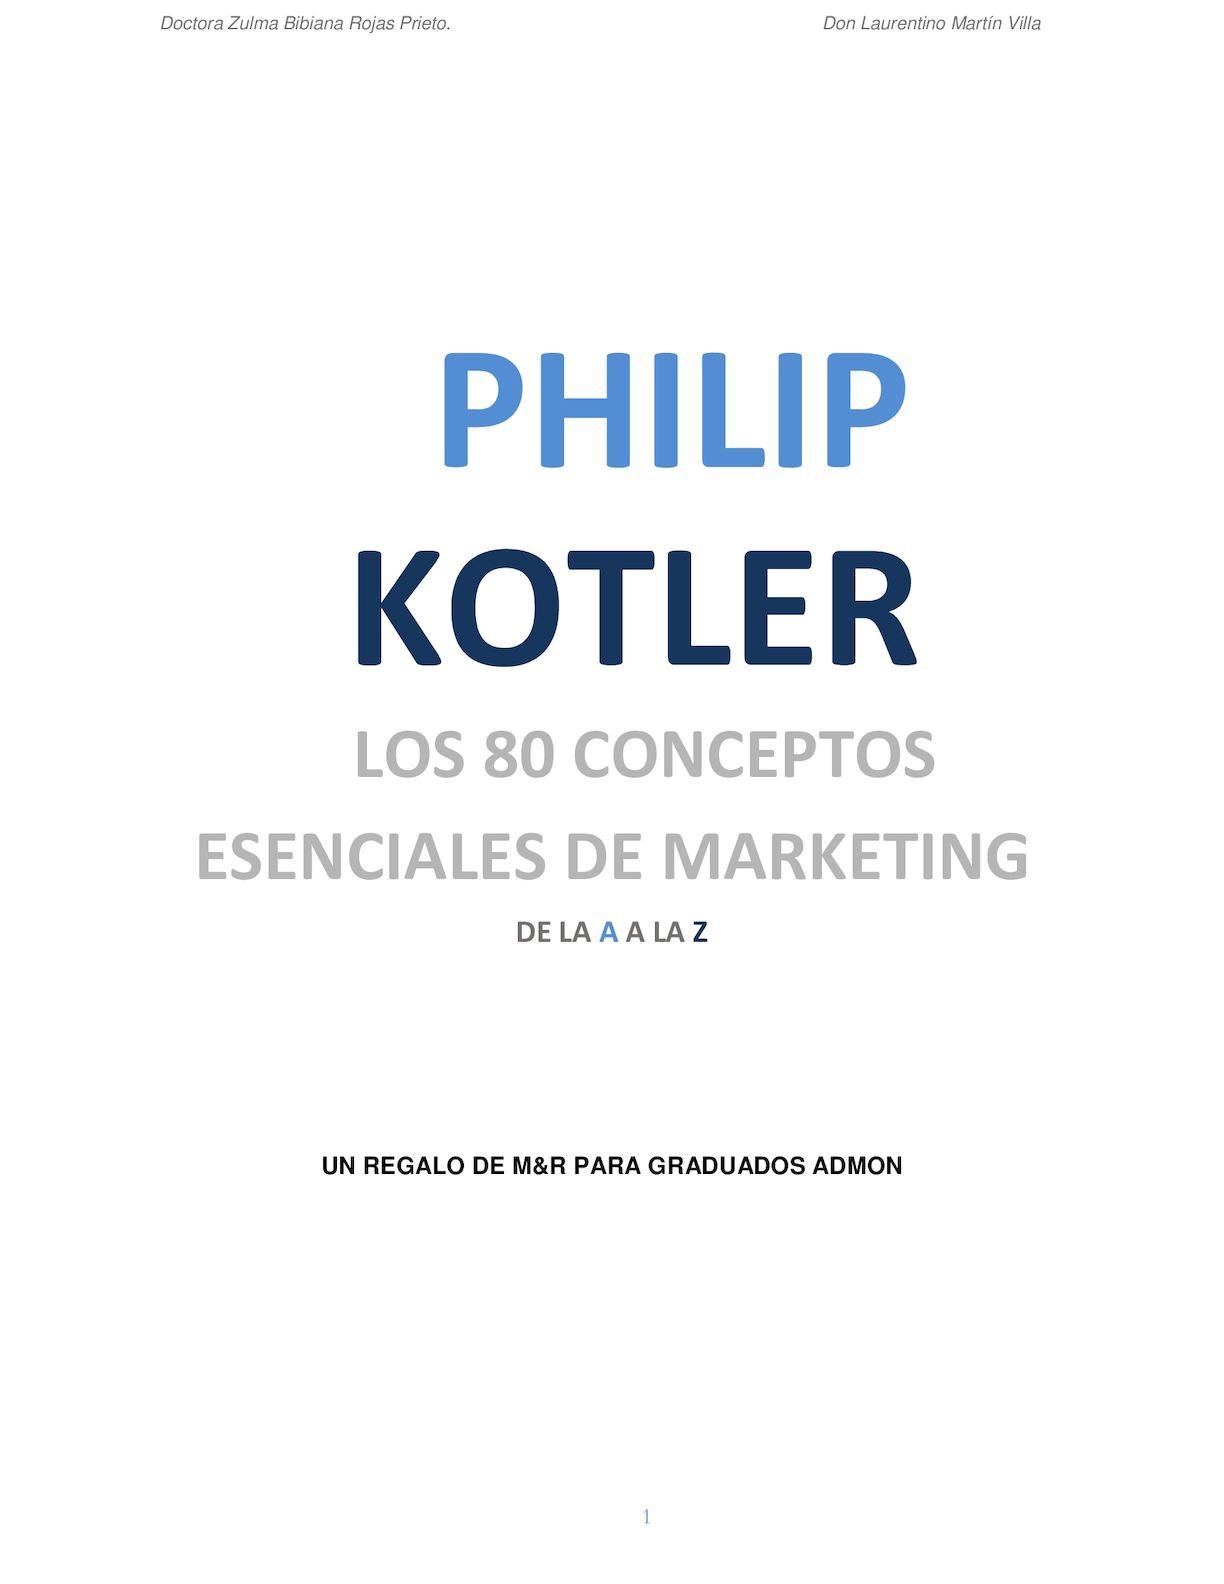 Conceptos Del Por Calaméo Marketing Los Kotler Philips 80 wnmN08